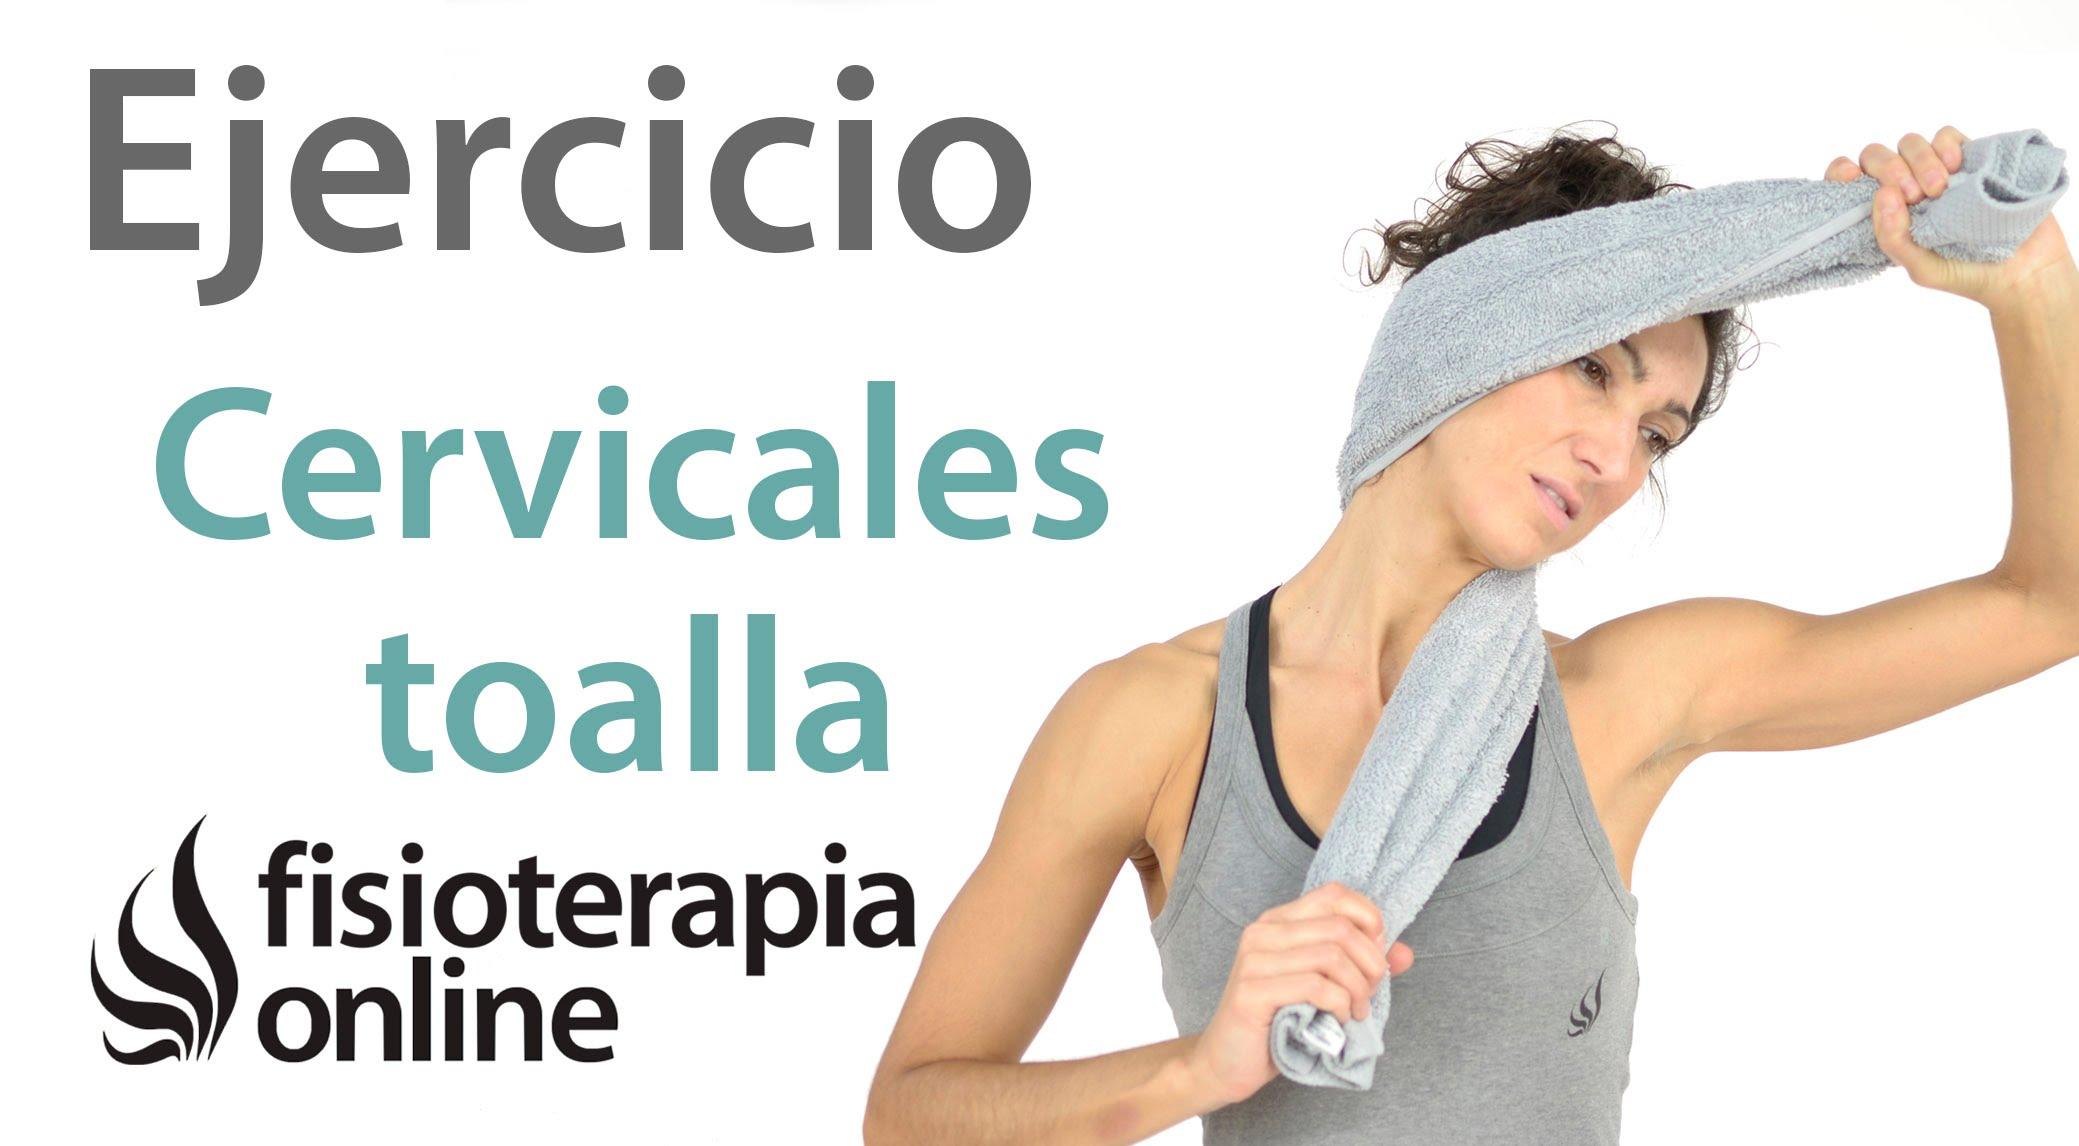 ejercicios cervicales con toalla